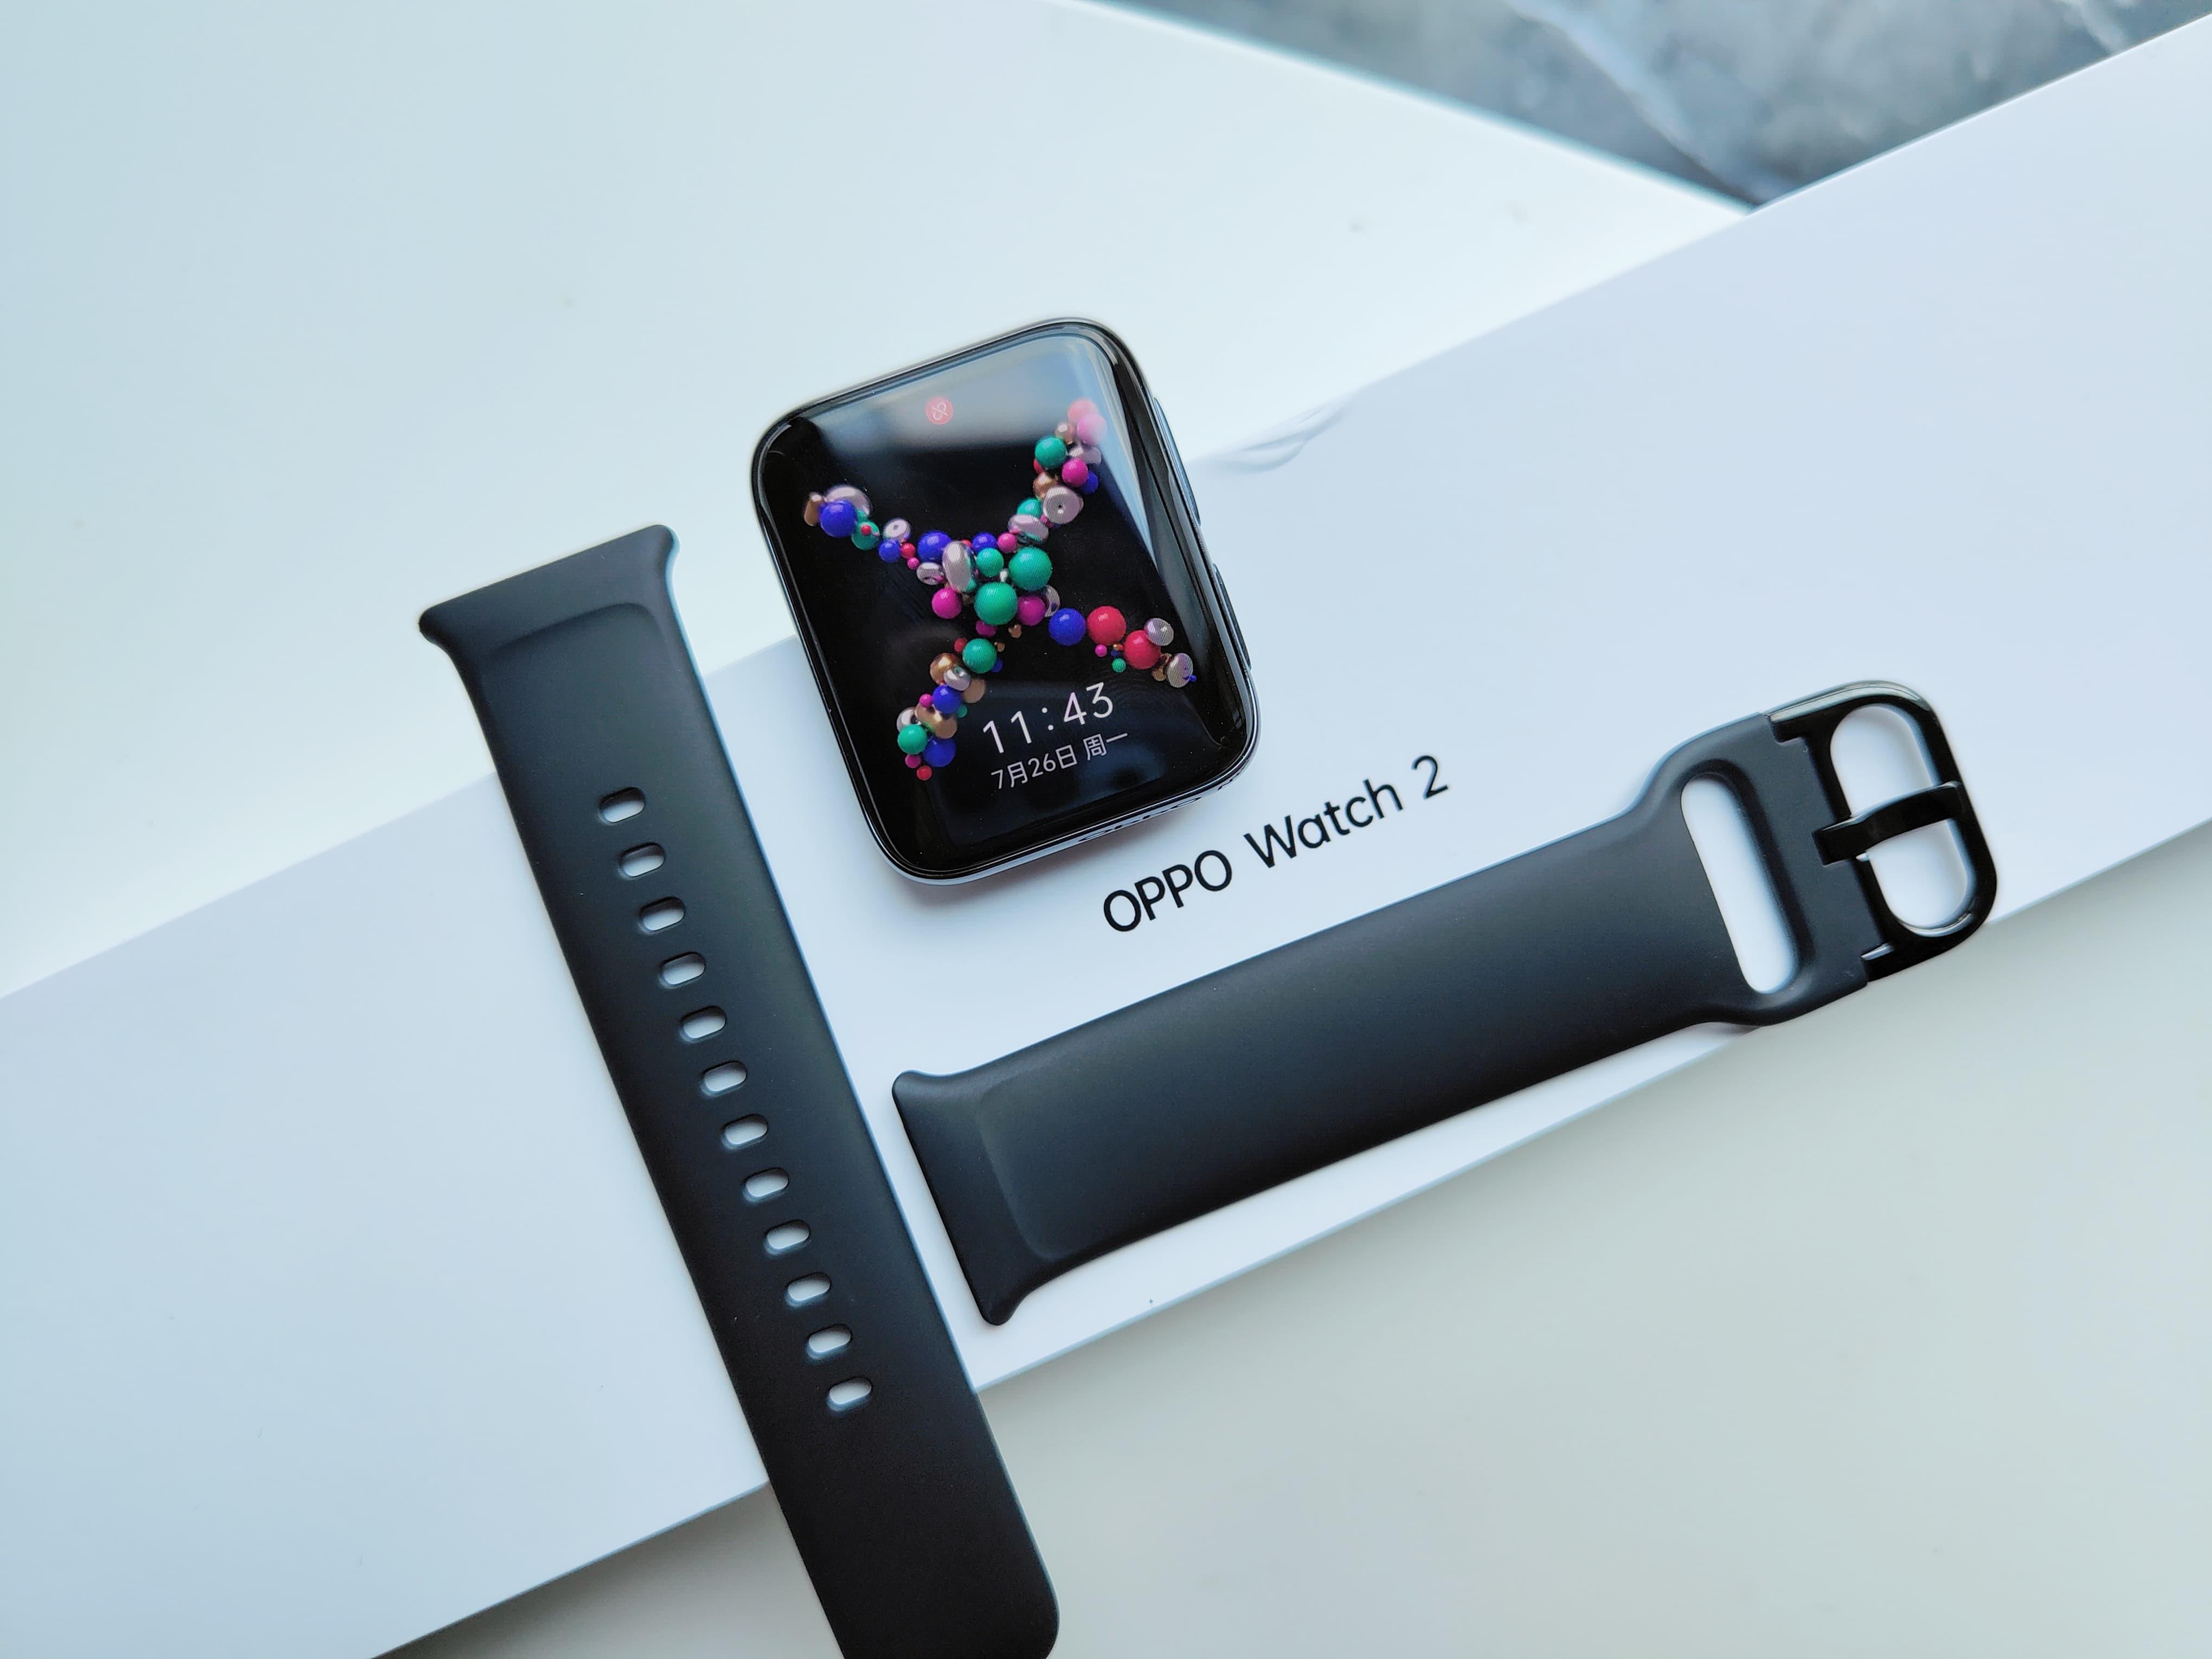 OPPO Watch 2 46mm评测:双芯片加长续航 血氧心率全在行